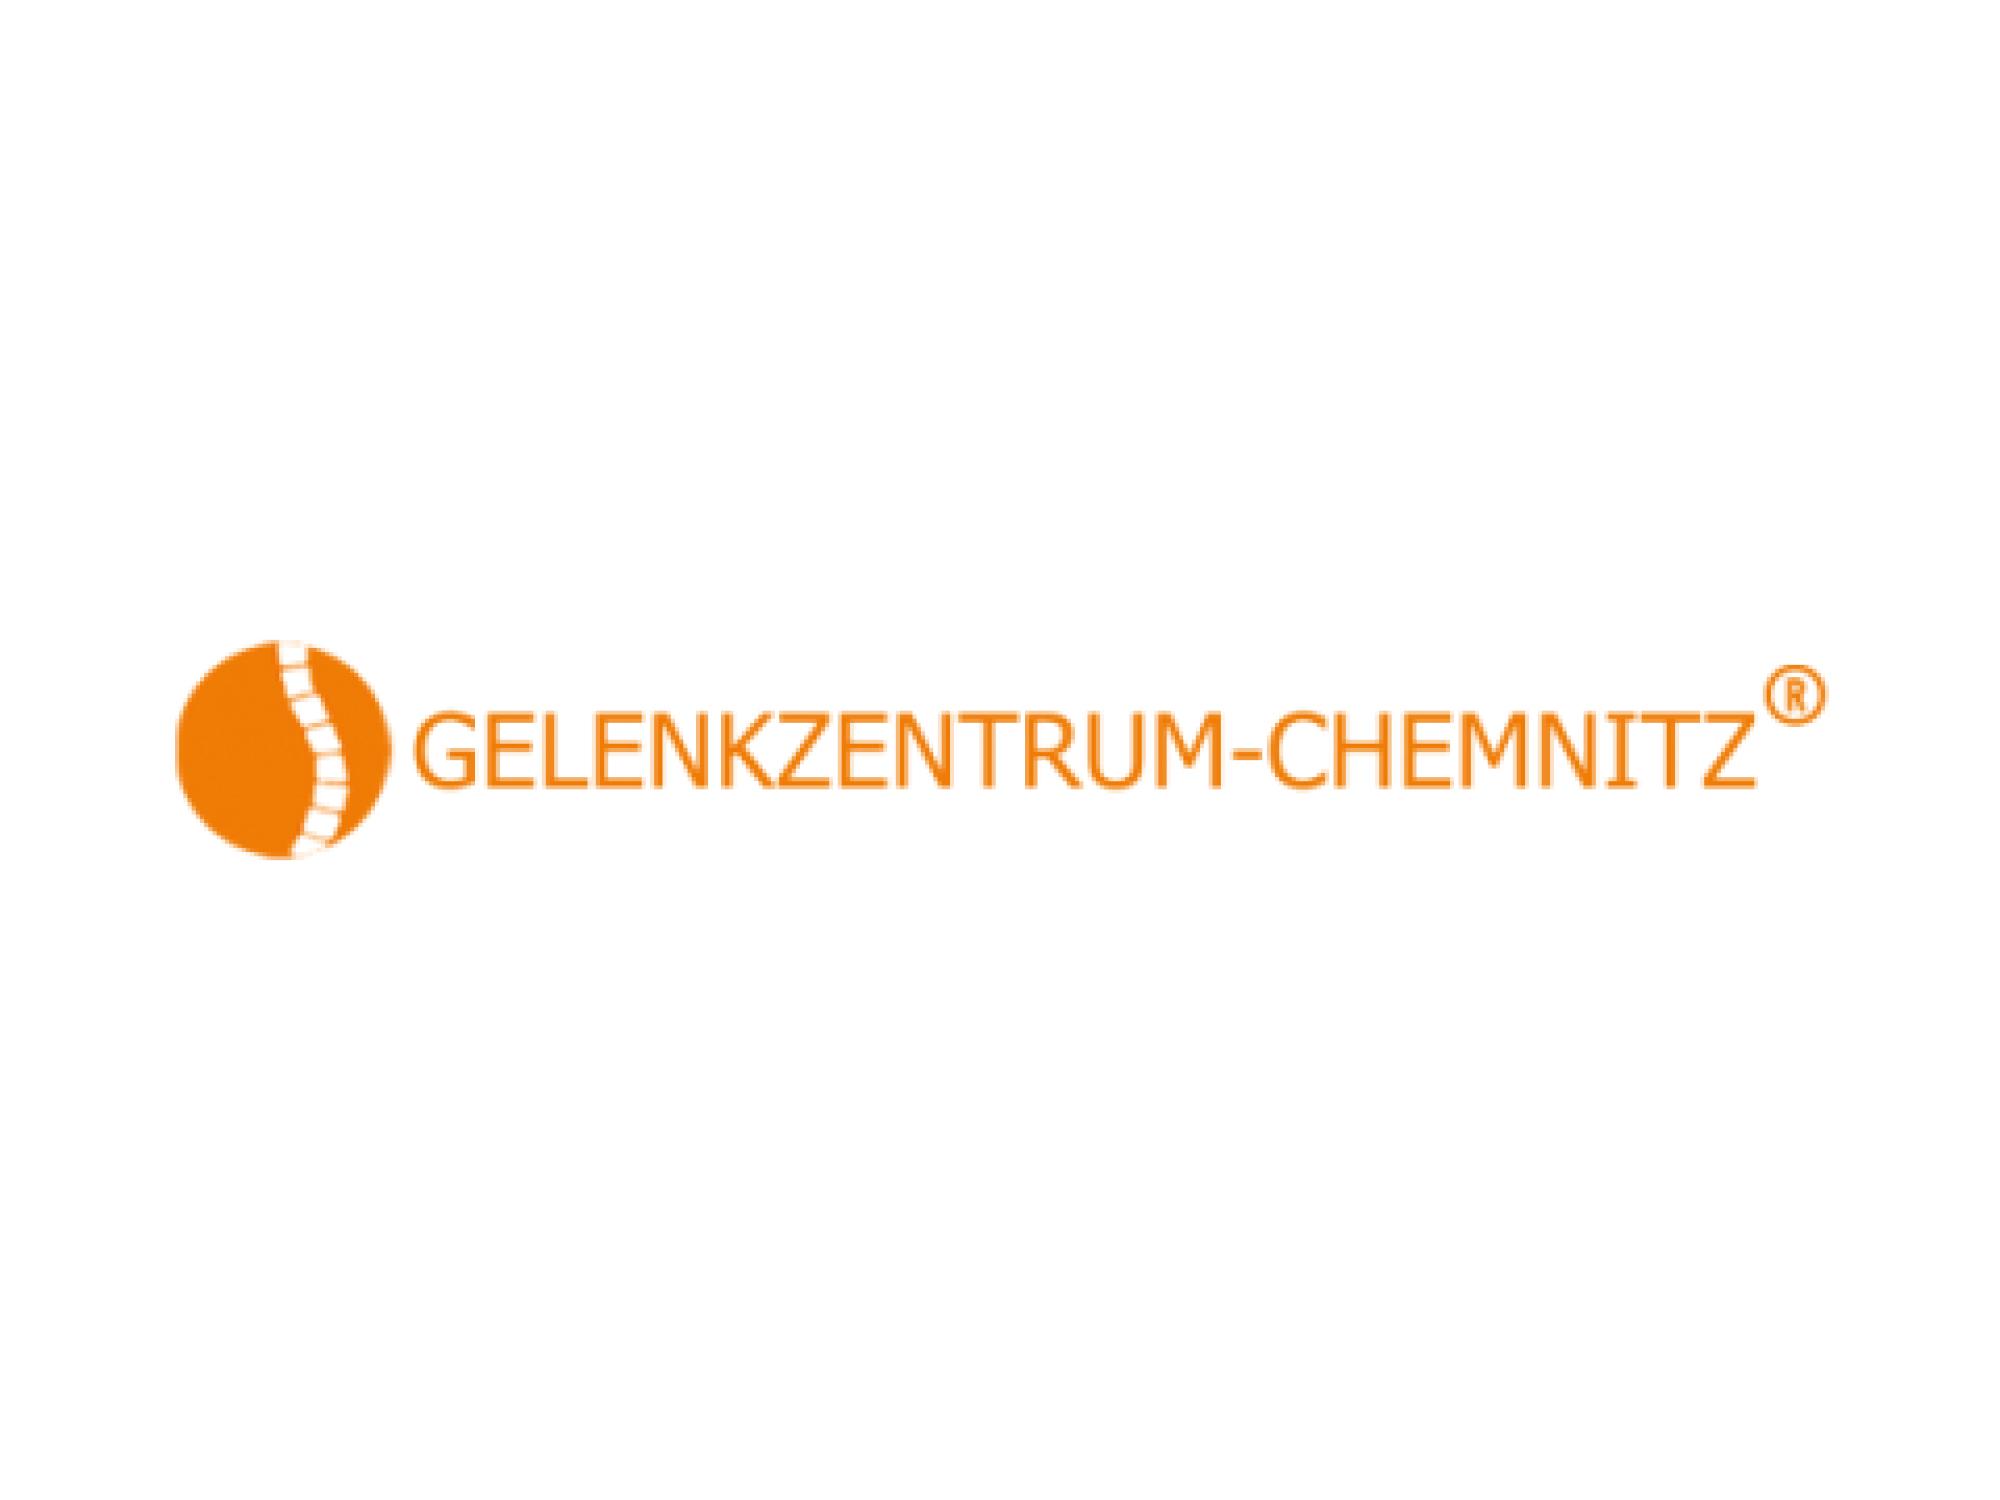 Gelenkzentrum Chemnitz